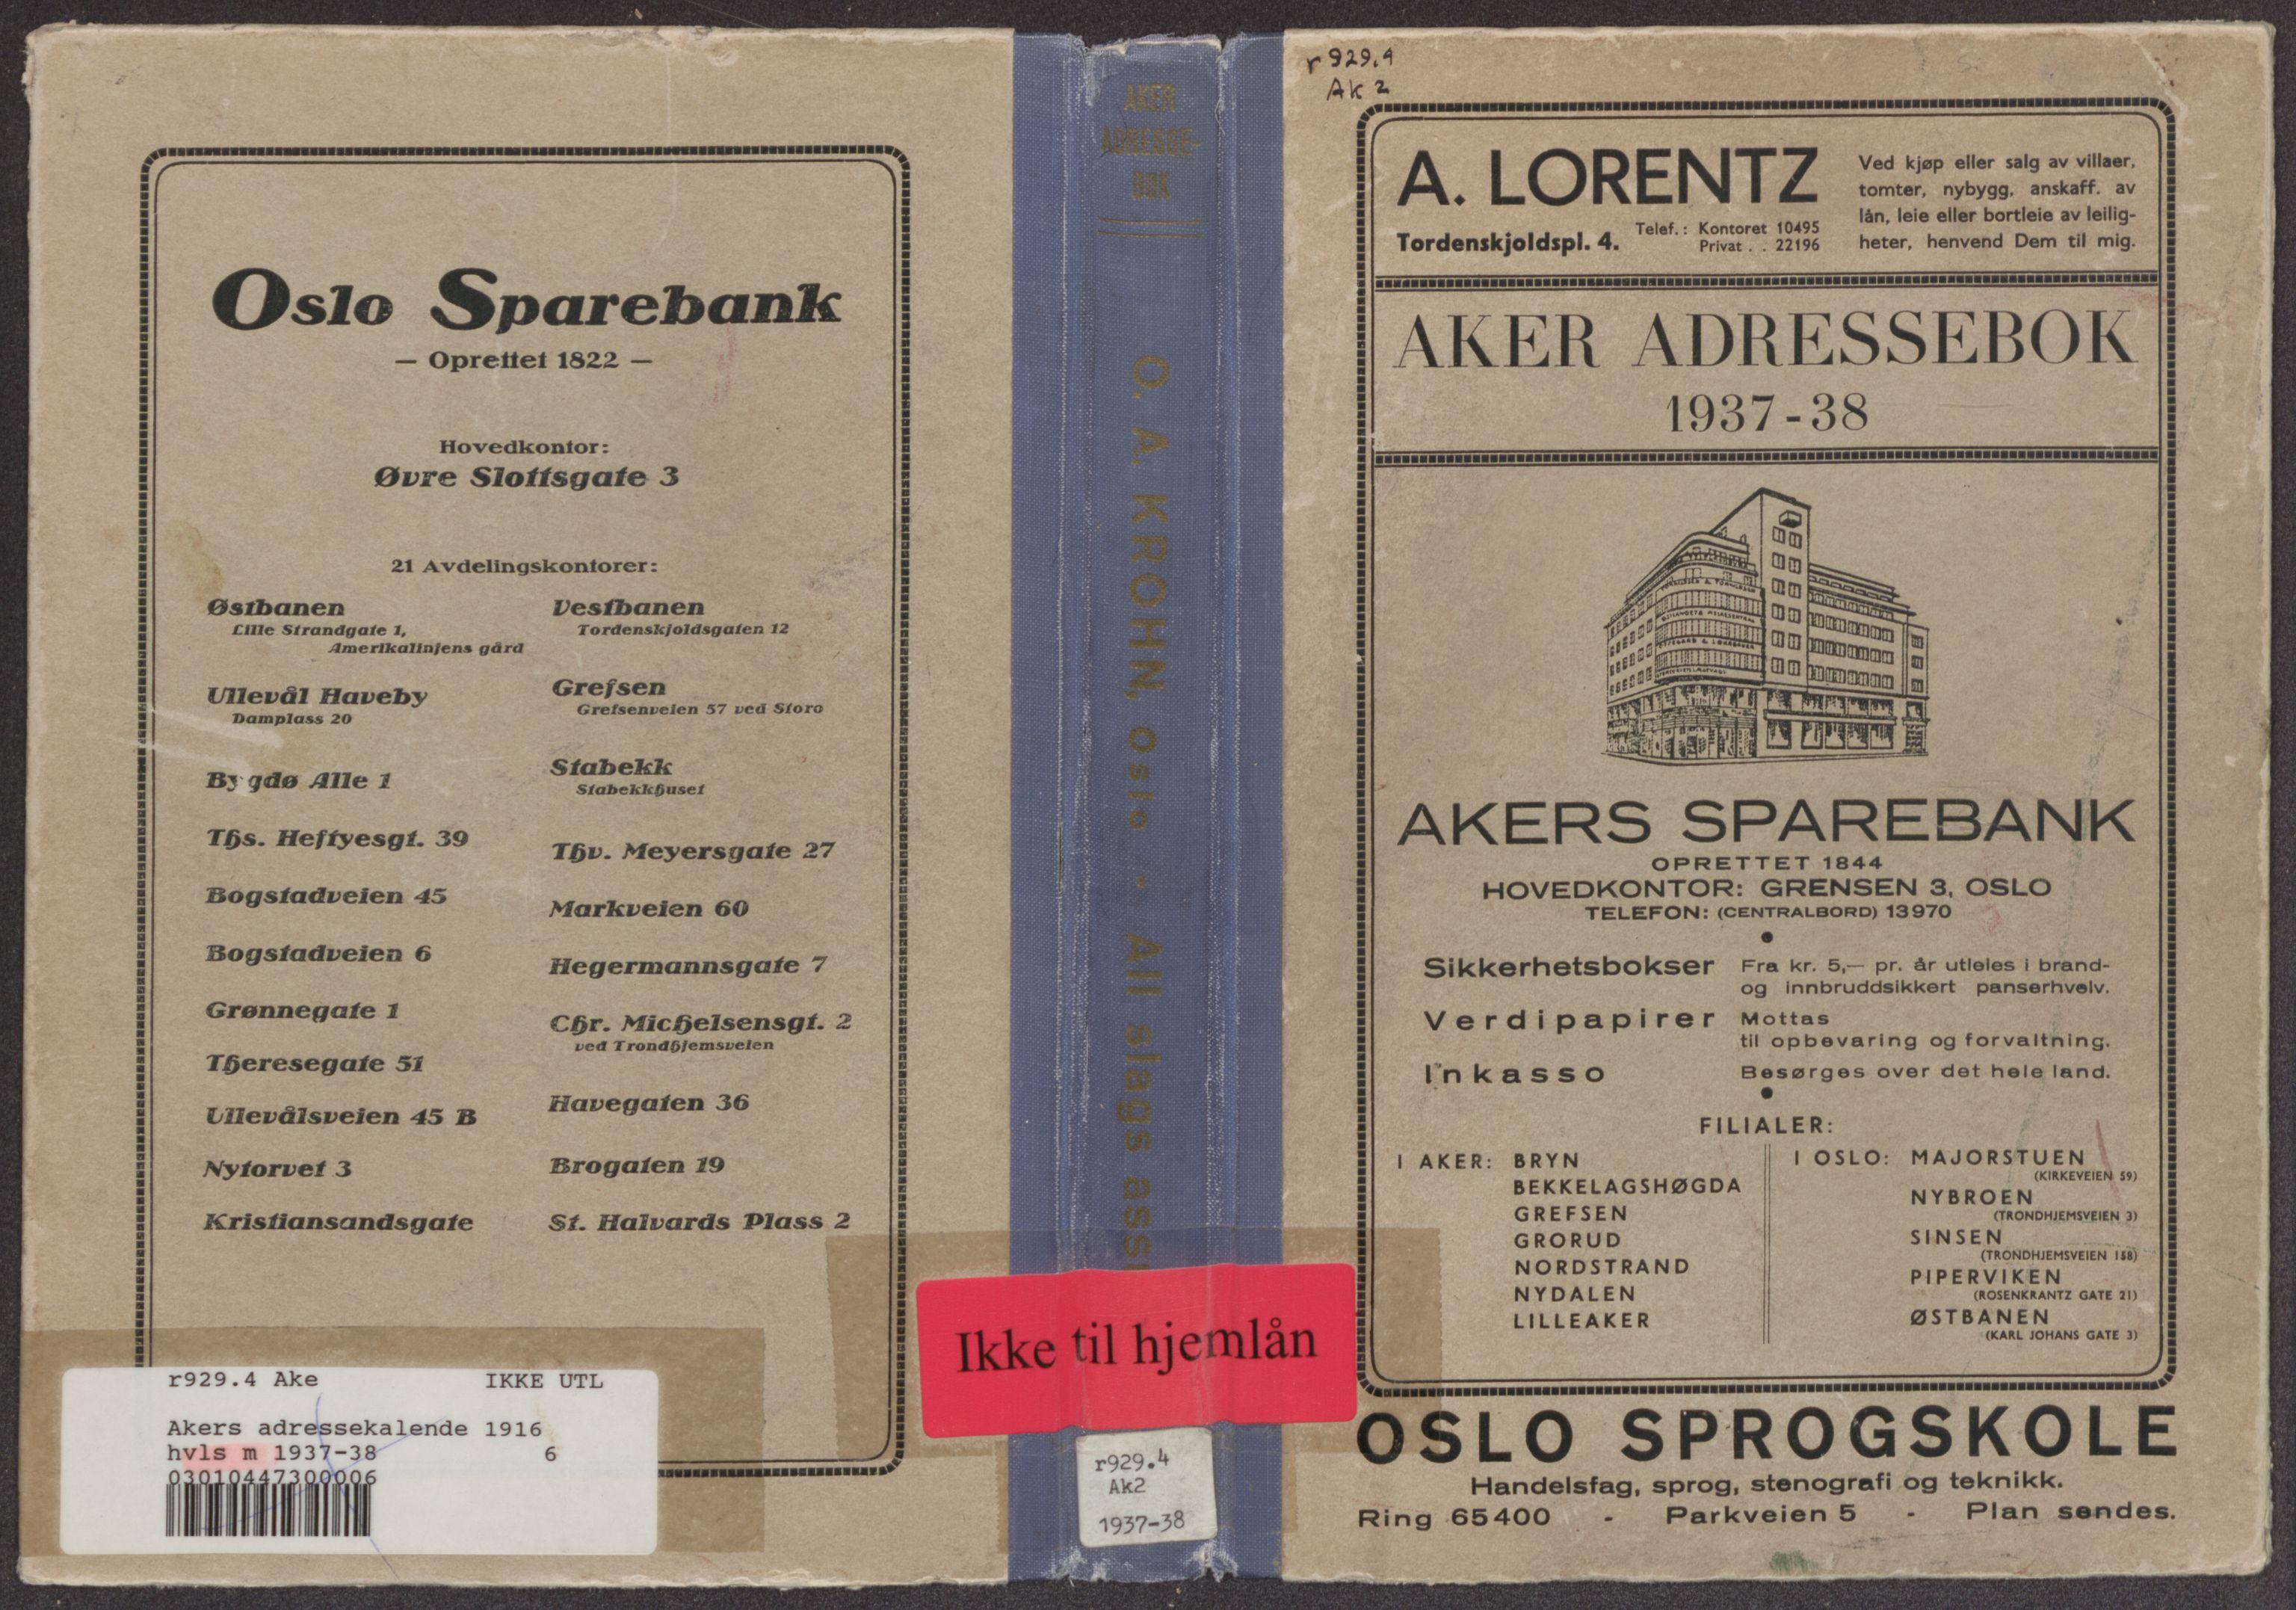 PUBL, Aker adressebok/adressekalender, 1937-1938